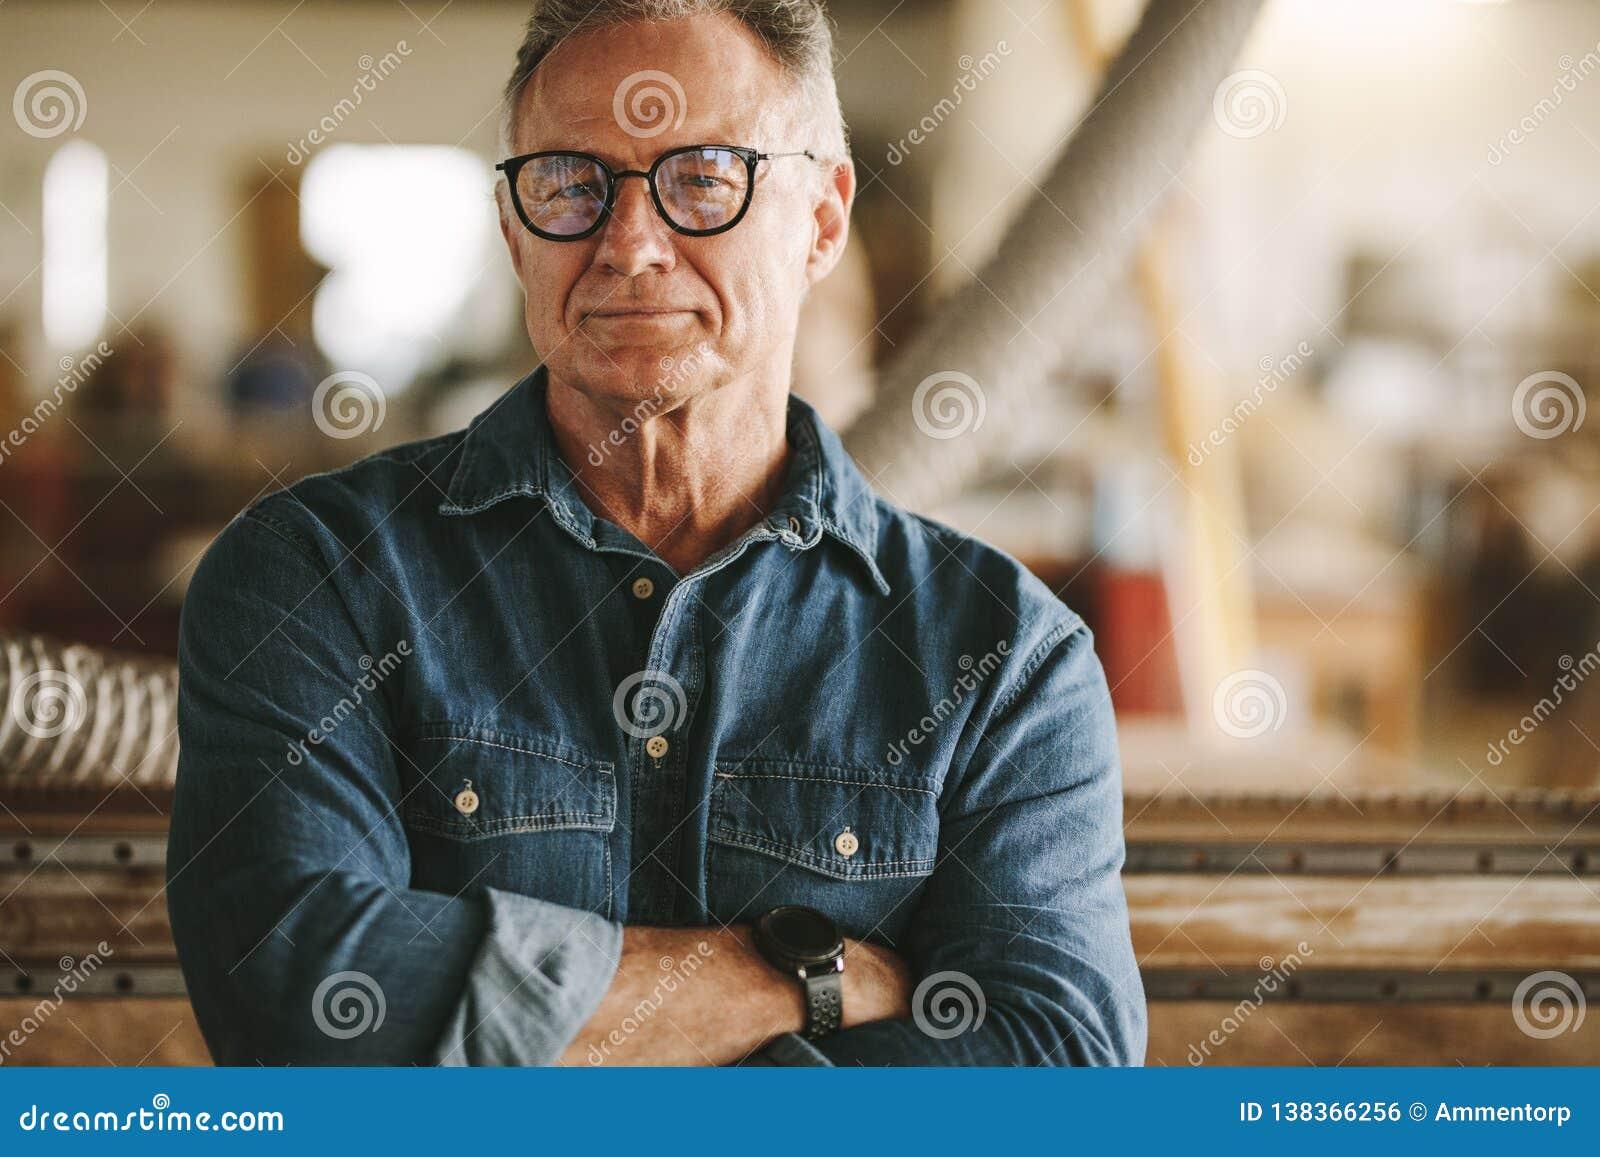 Υπερήφανος ιδιοκτήτης εργαστηρίων ξυλουργικής